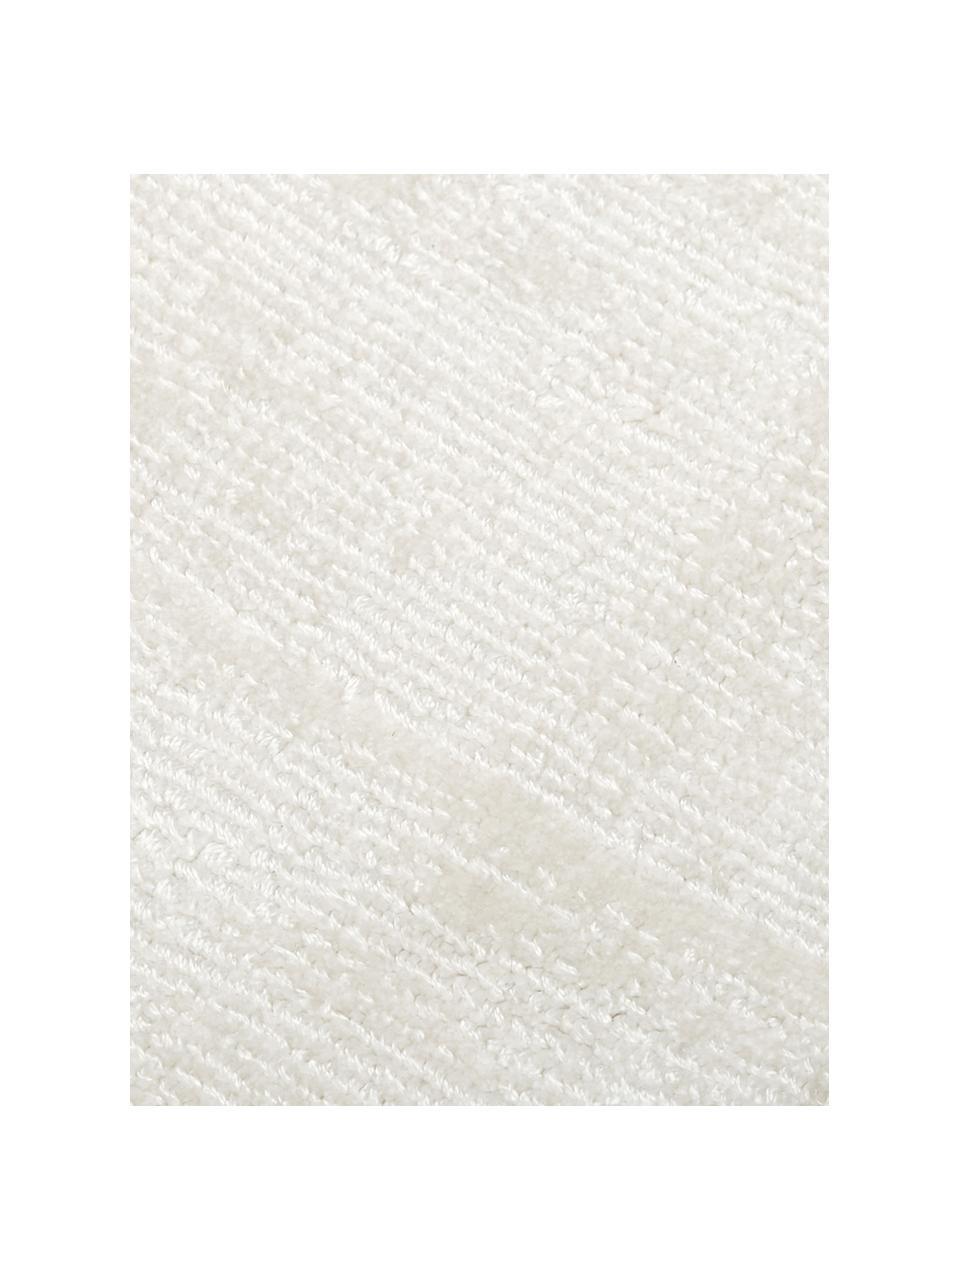 Tappeto rotondo in viscosa color avorio tessuto a mano Jane, Retro: 100% cotone, Avorio, Ø 200 cm (taglia L)